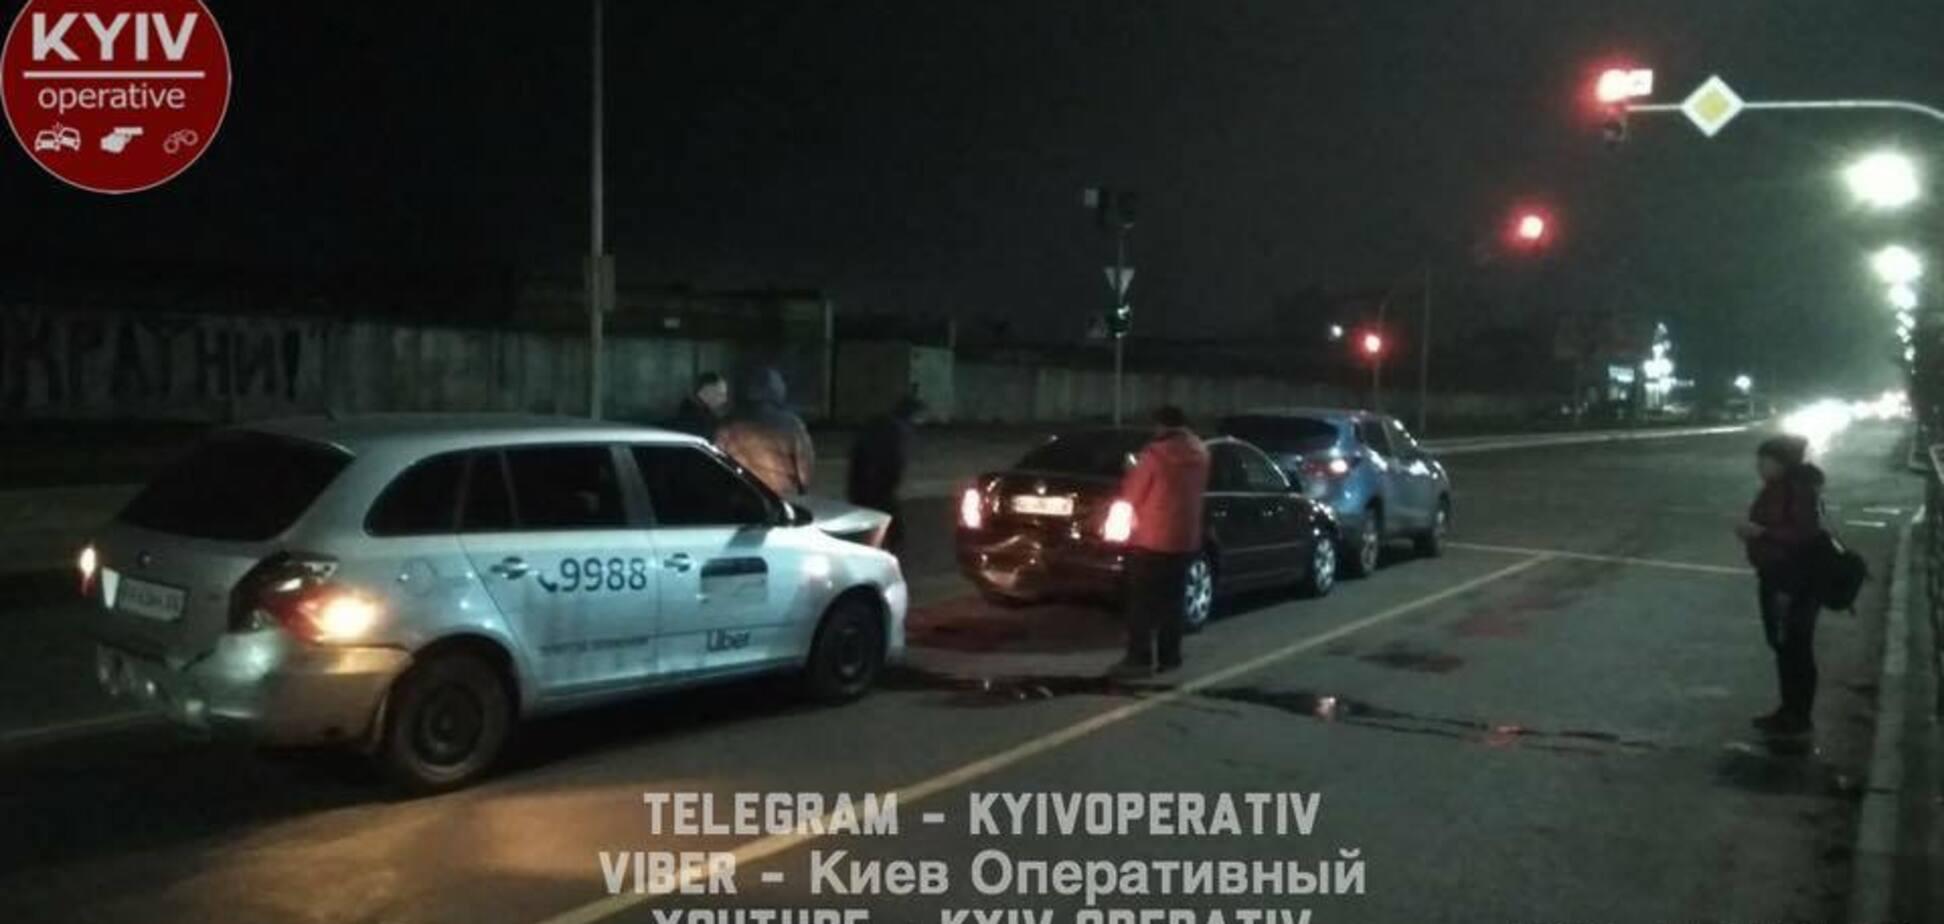 В Киеве пьяный водитель Uber совершил несколько ДТП